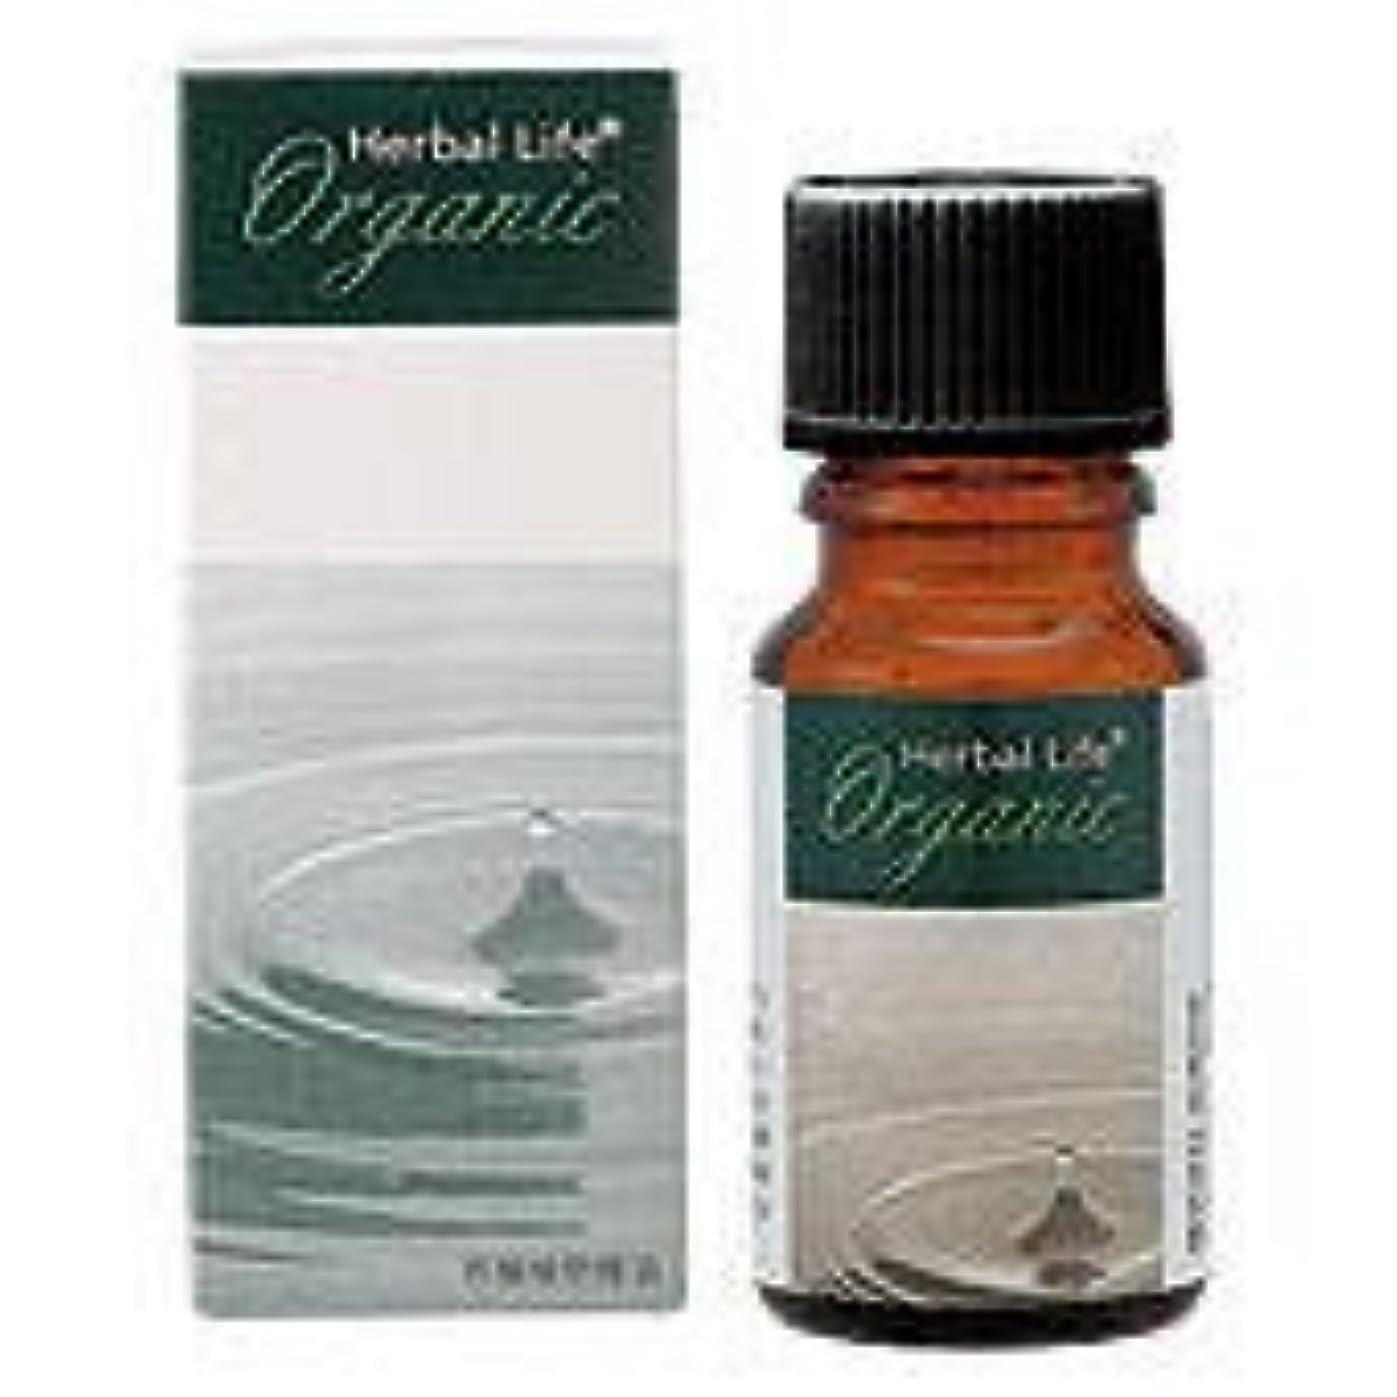 ウナギ文注ぎます生活の木 有機フランキンセンス(オリバナム/乳香)10ml エッセンシャルオイル/精油/オーガニック